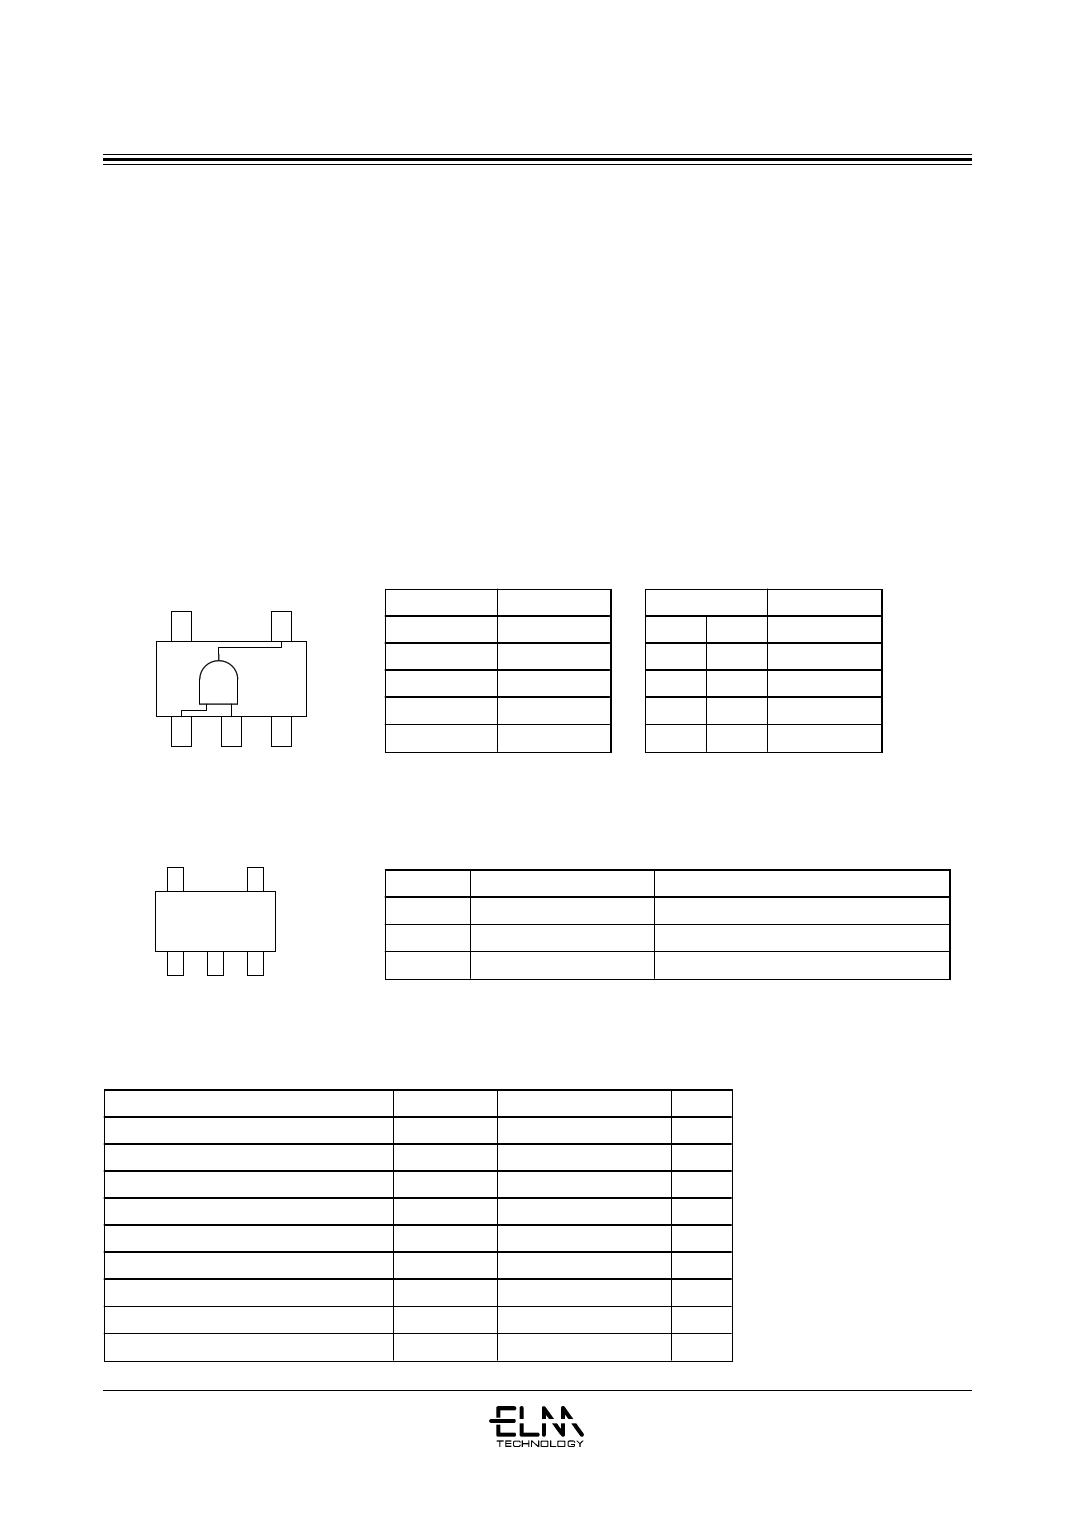 ELM7S14B 電子部品, 半導体